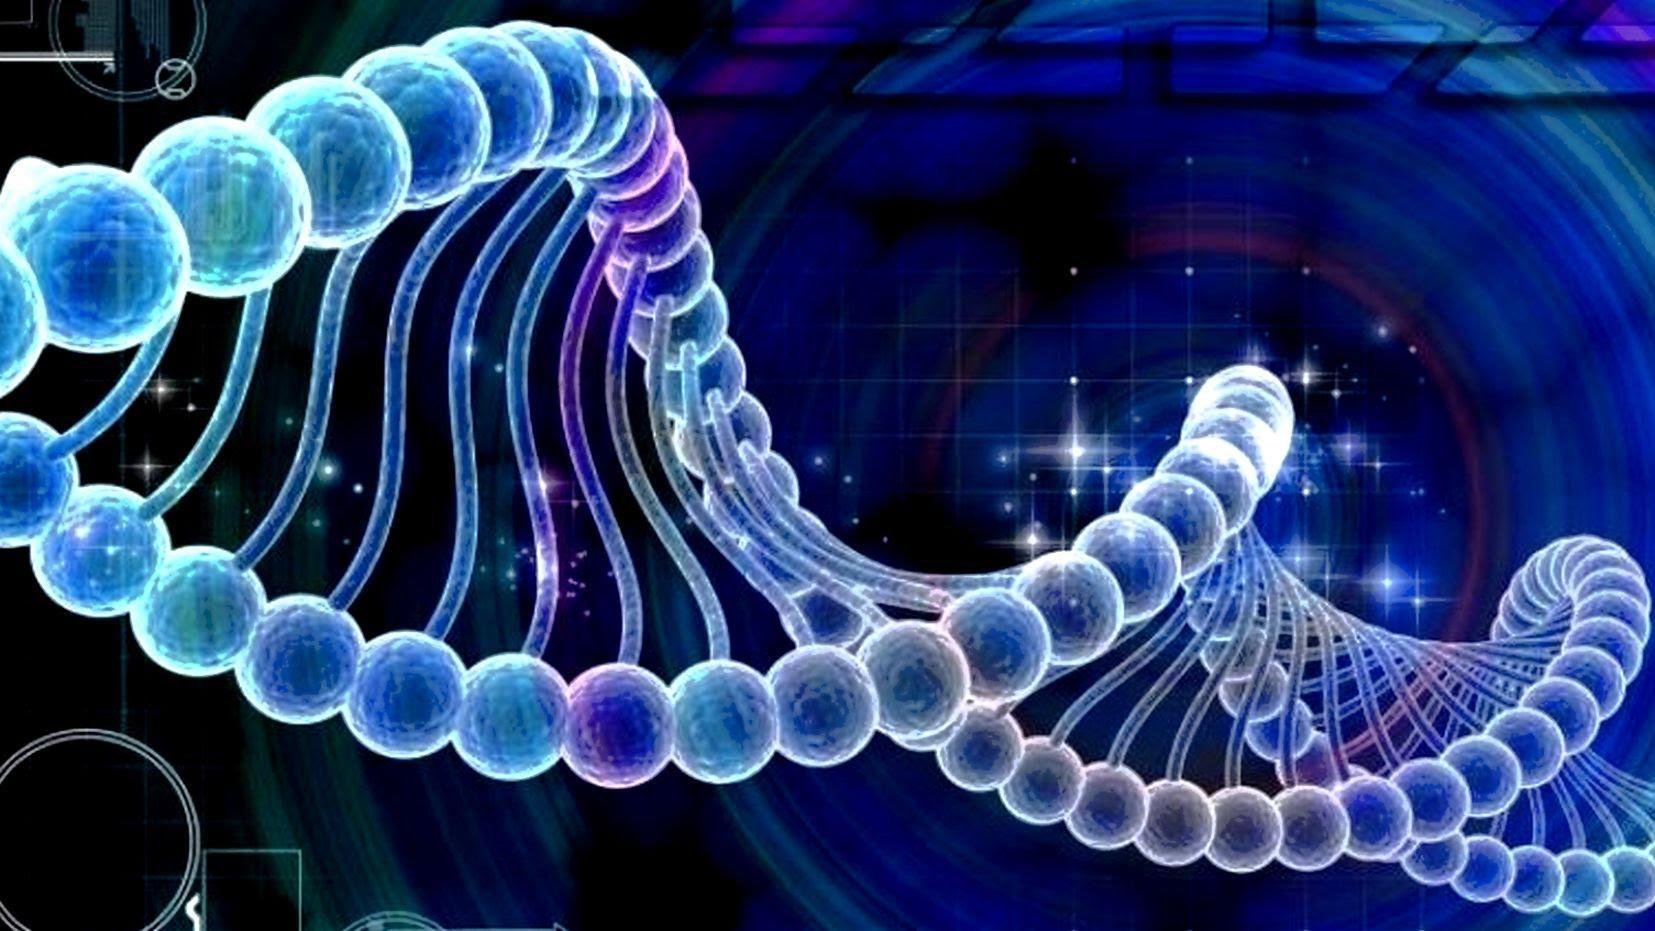 ДНҚ молекула, адам денесі